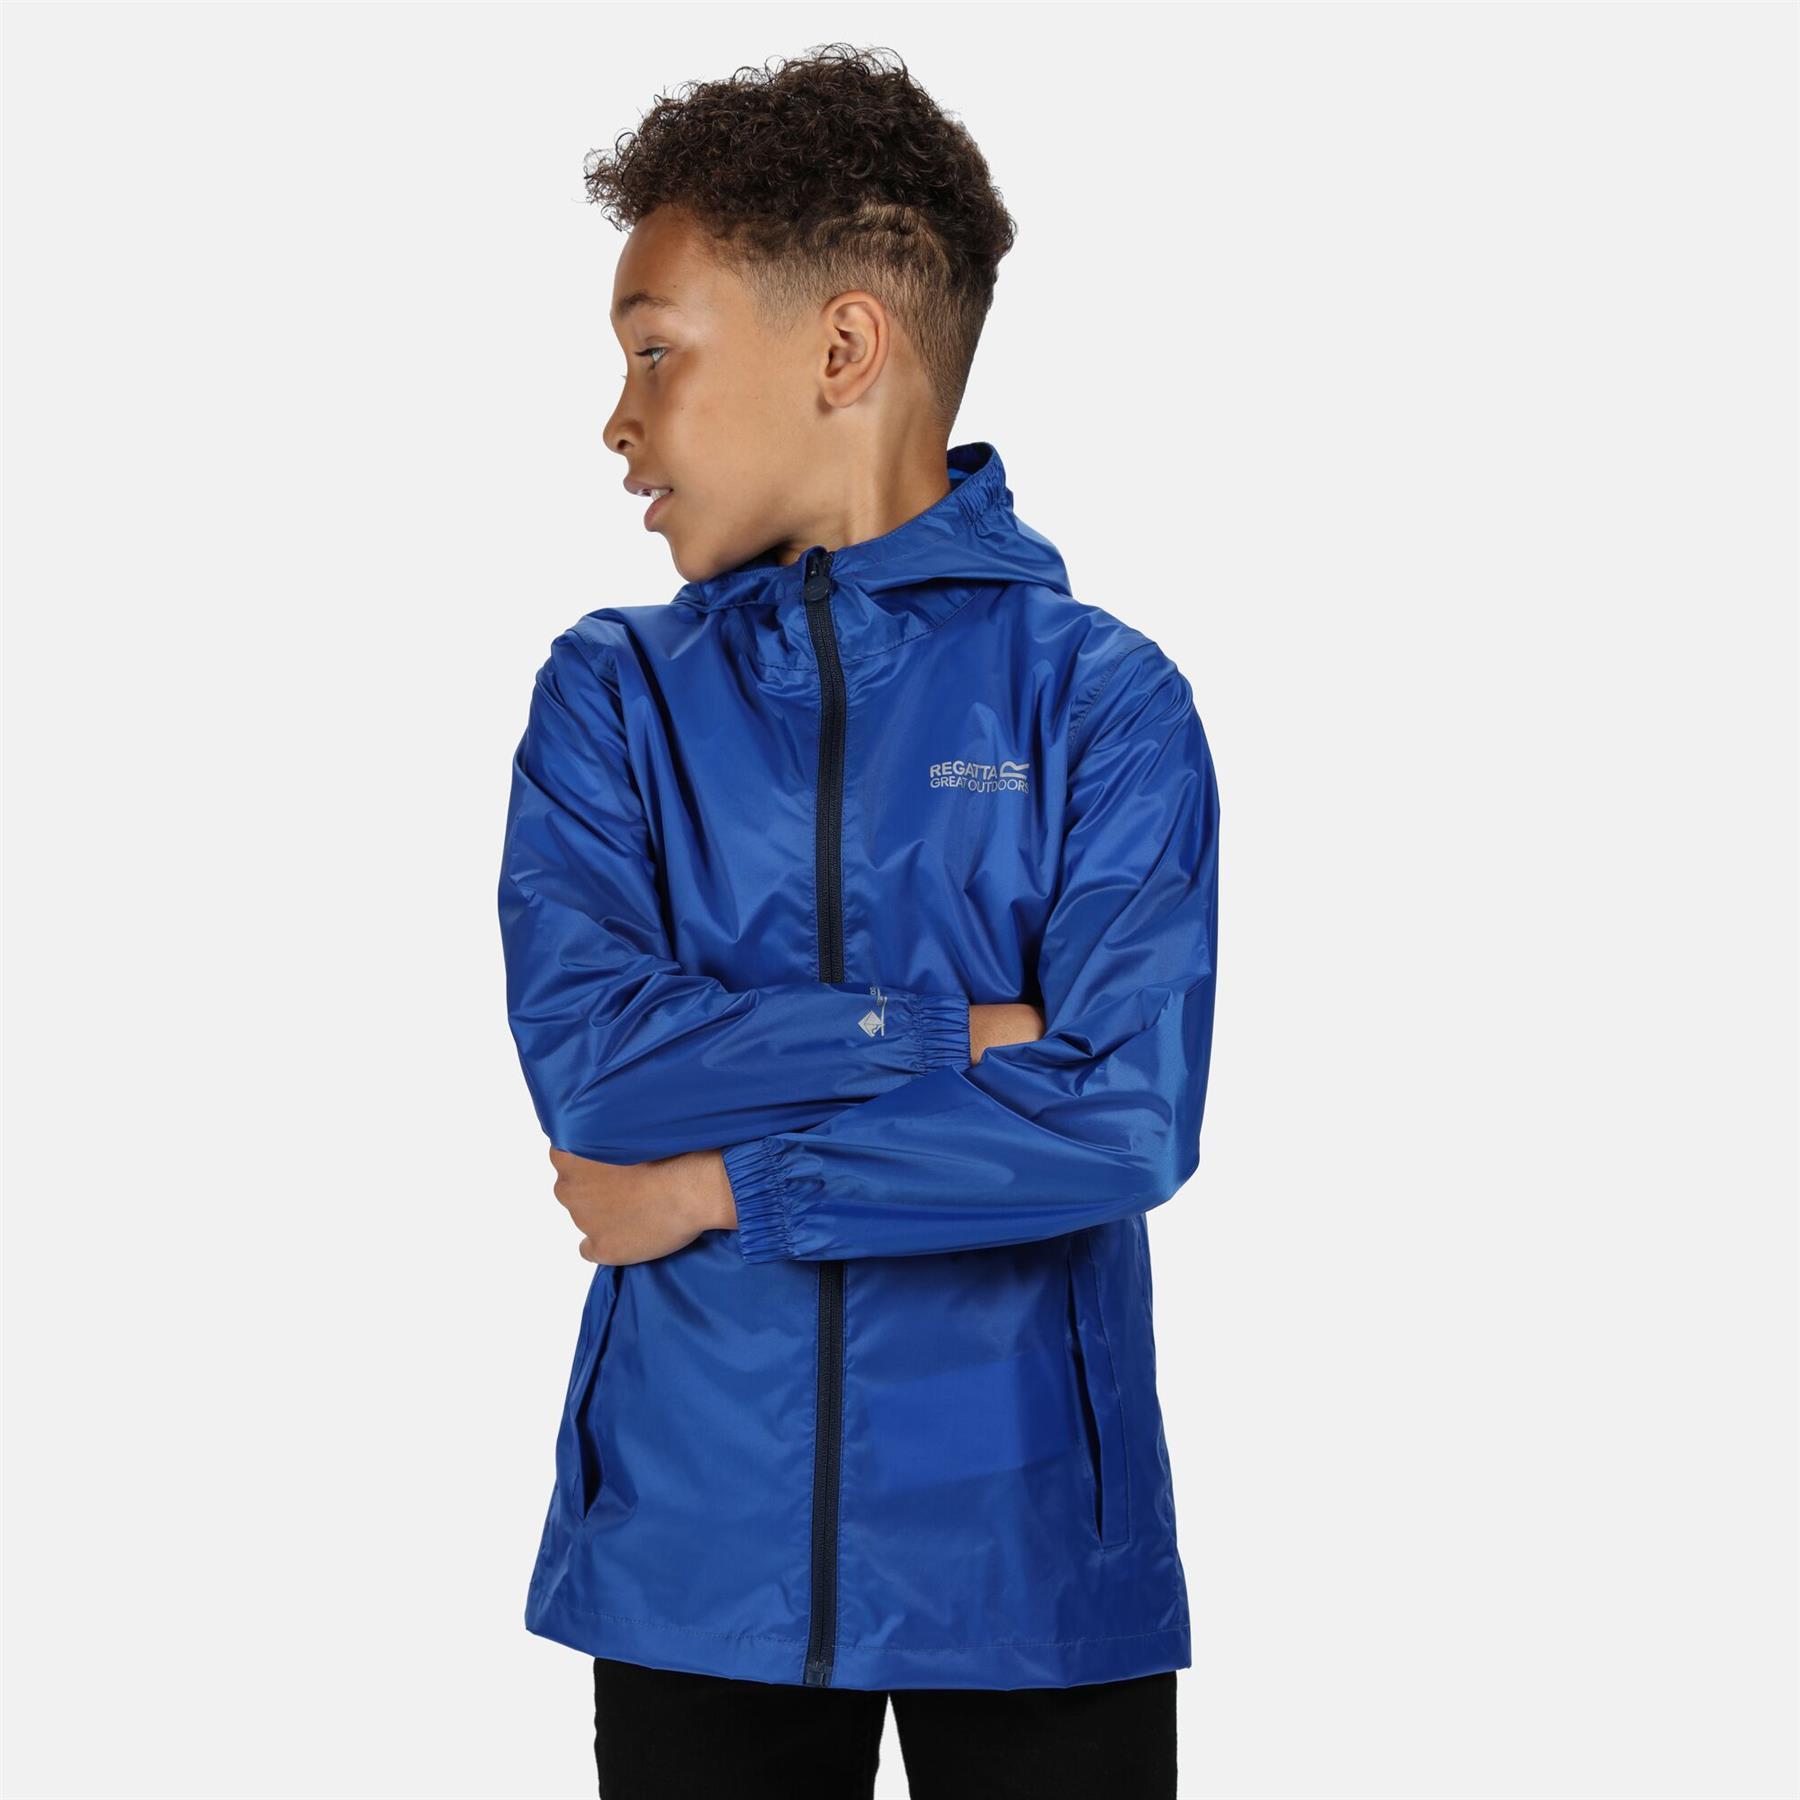 miniatuur 18 - Regatta Kids Pack it Jacket II Lightweight Waterproof Packaway Jacket Boys Girls